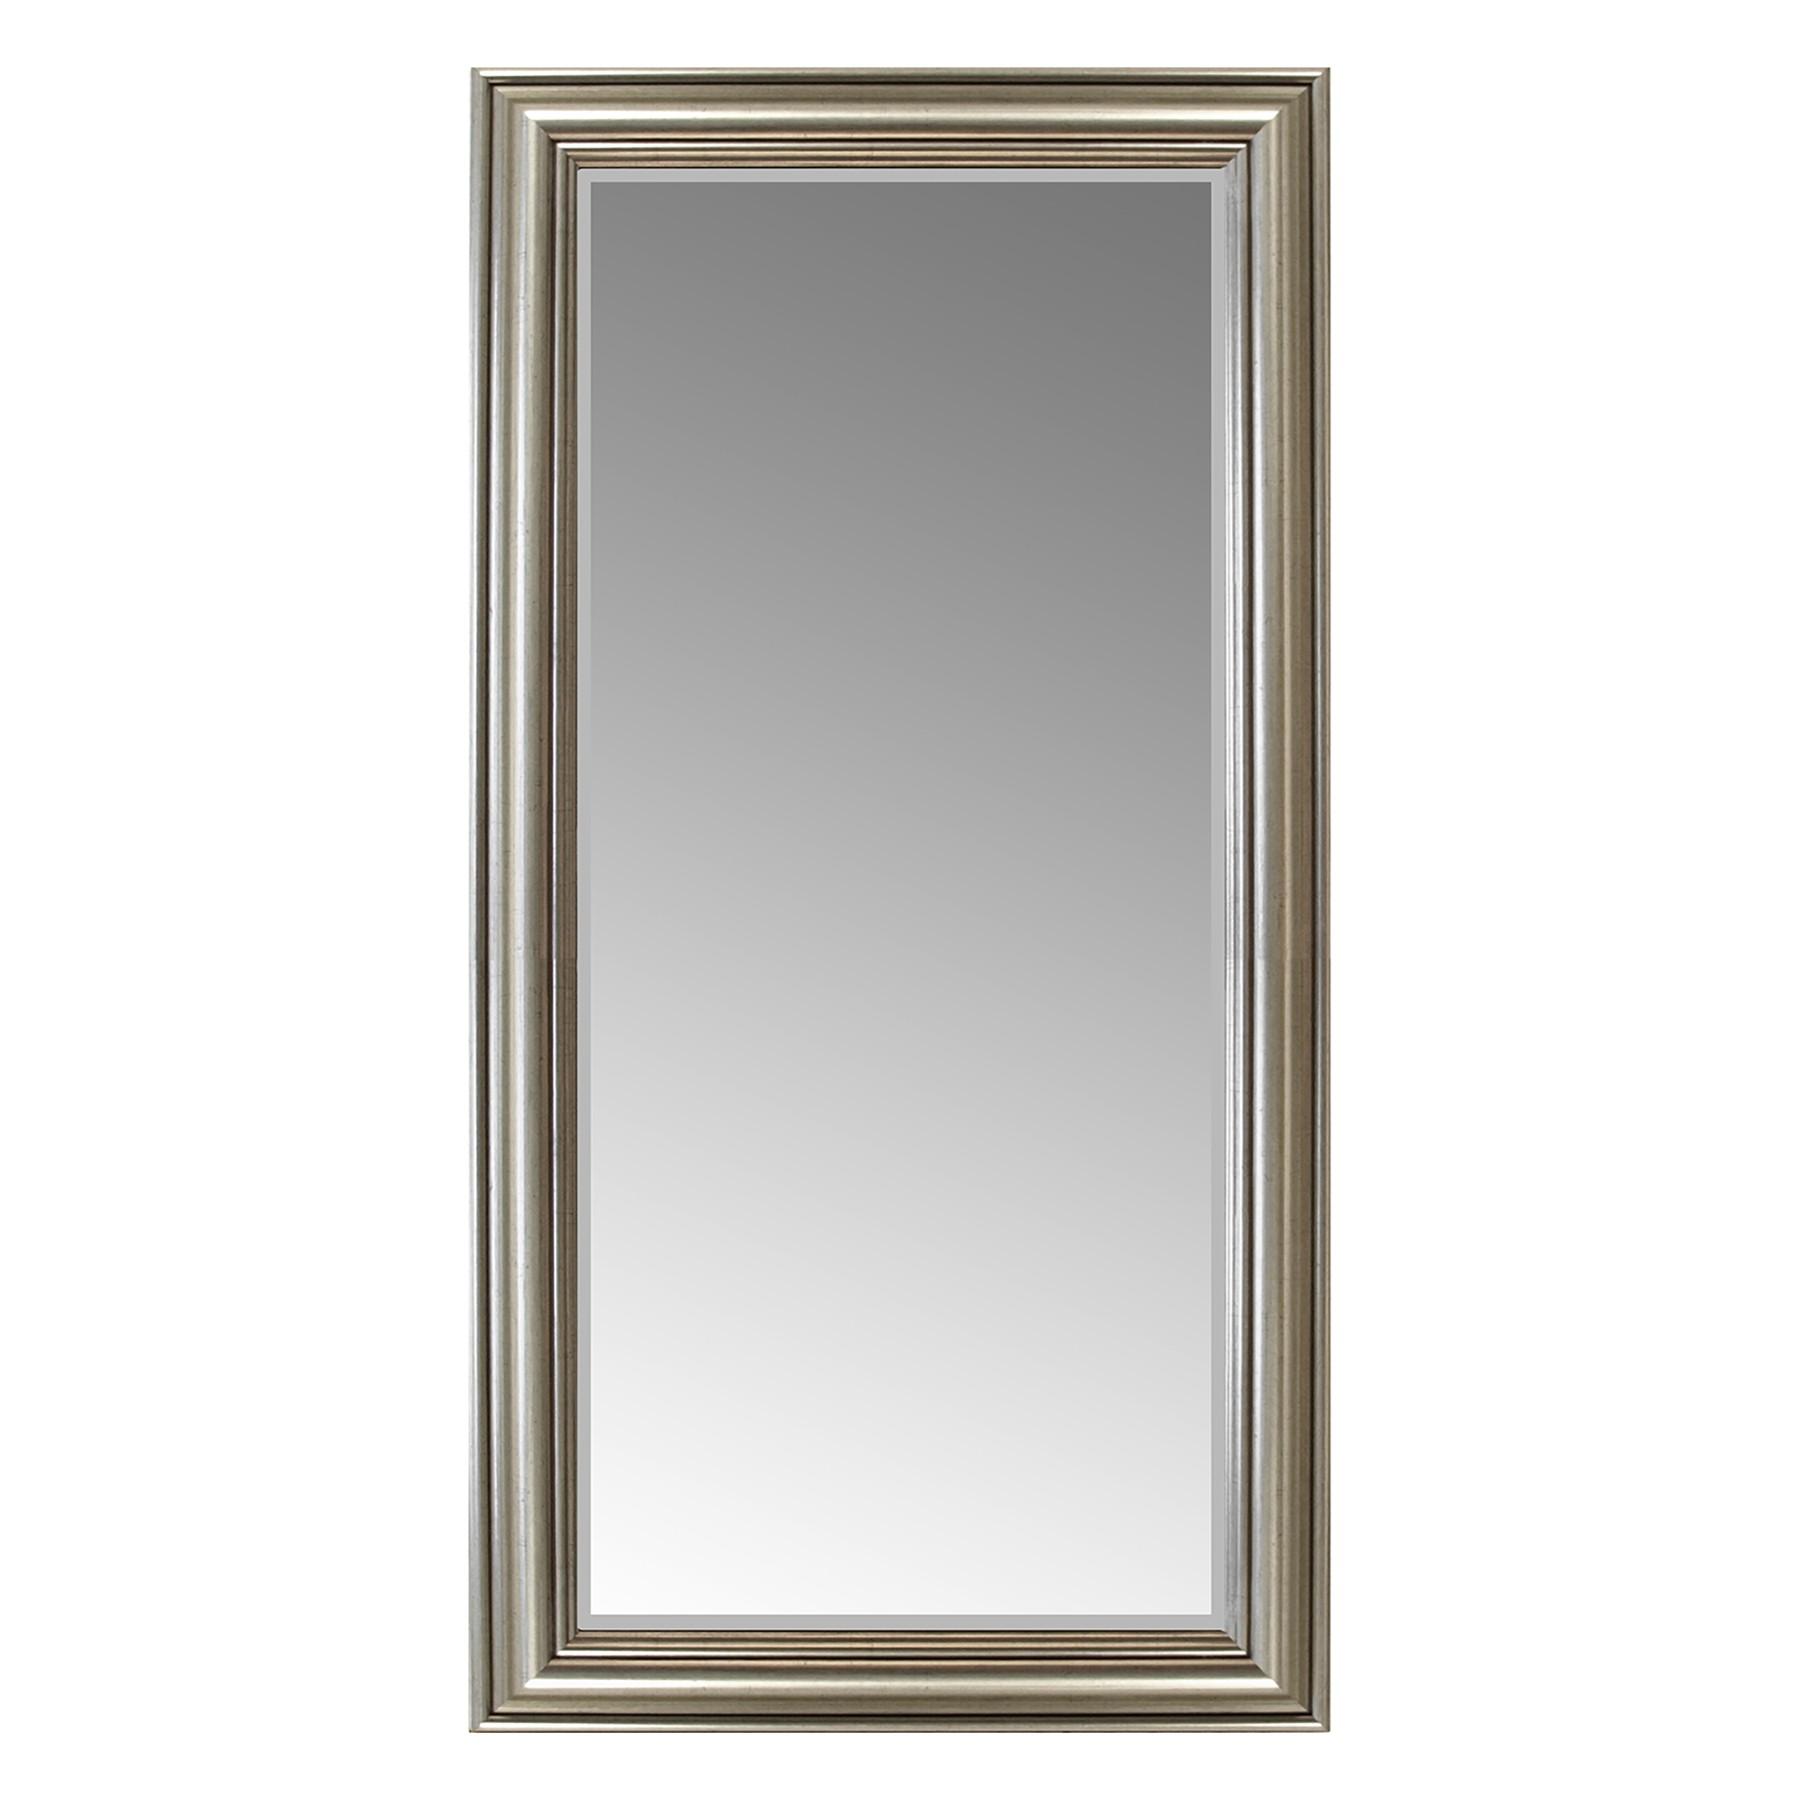 wandspiegel mit facettenschliff 102x52cm silbergold wohnen spiegel. Black Bedroom Furniture Sets. Home Design Ideas